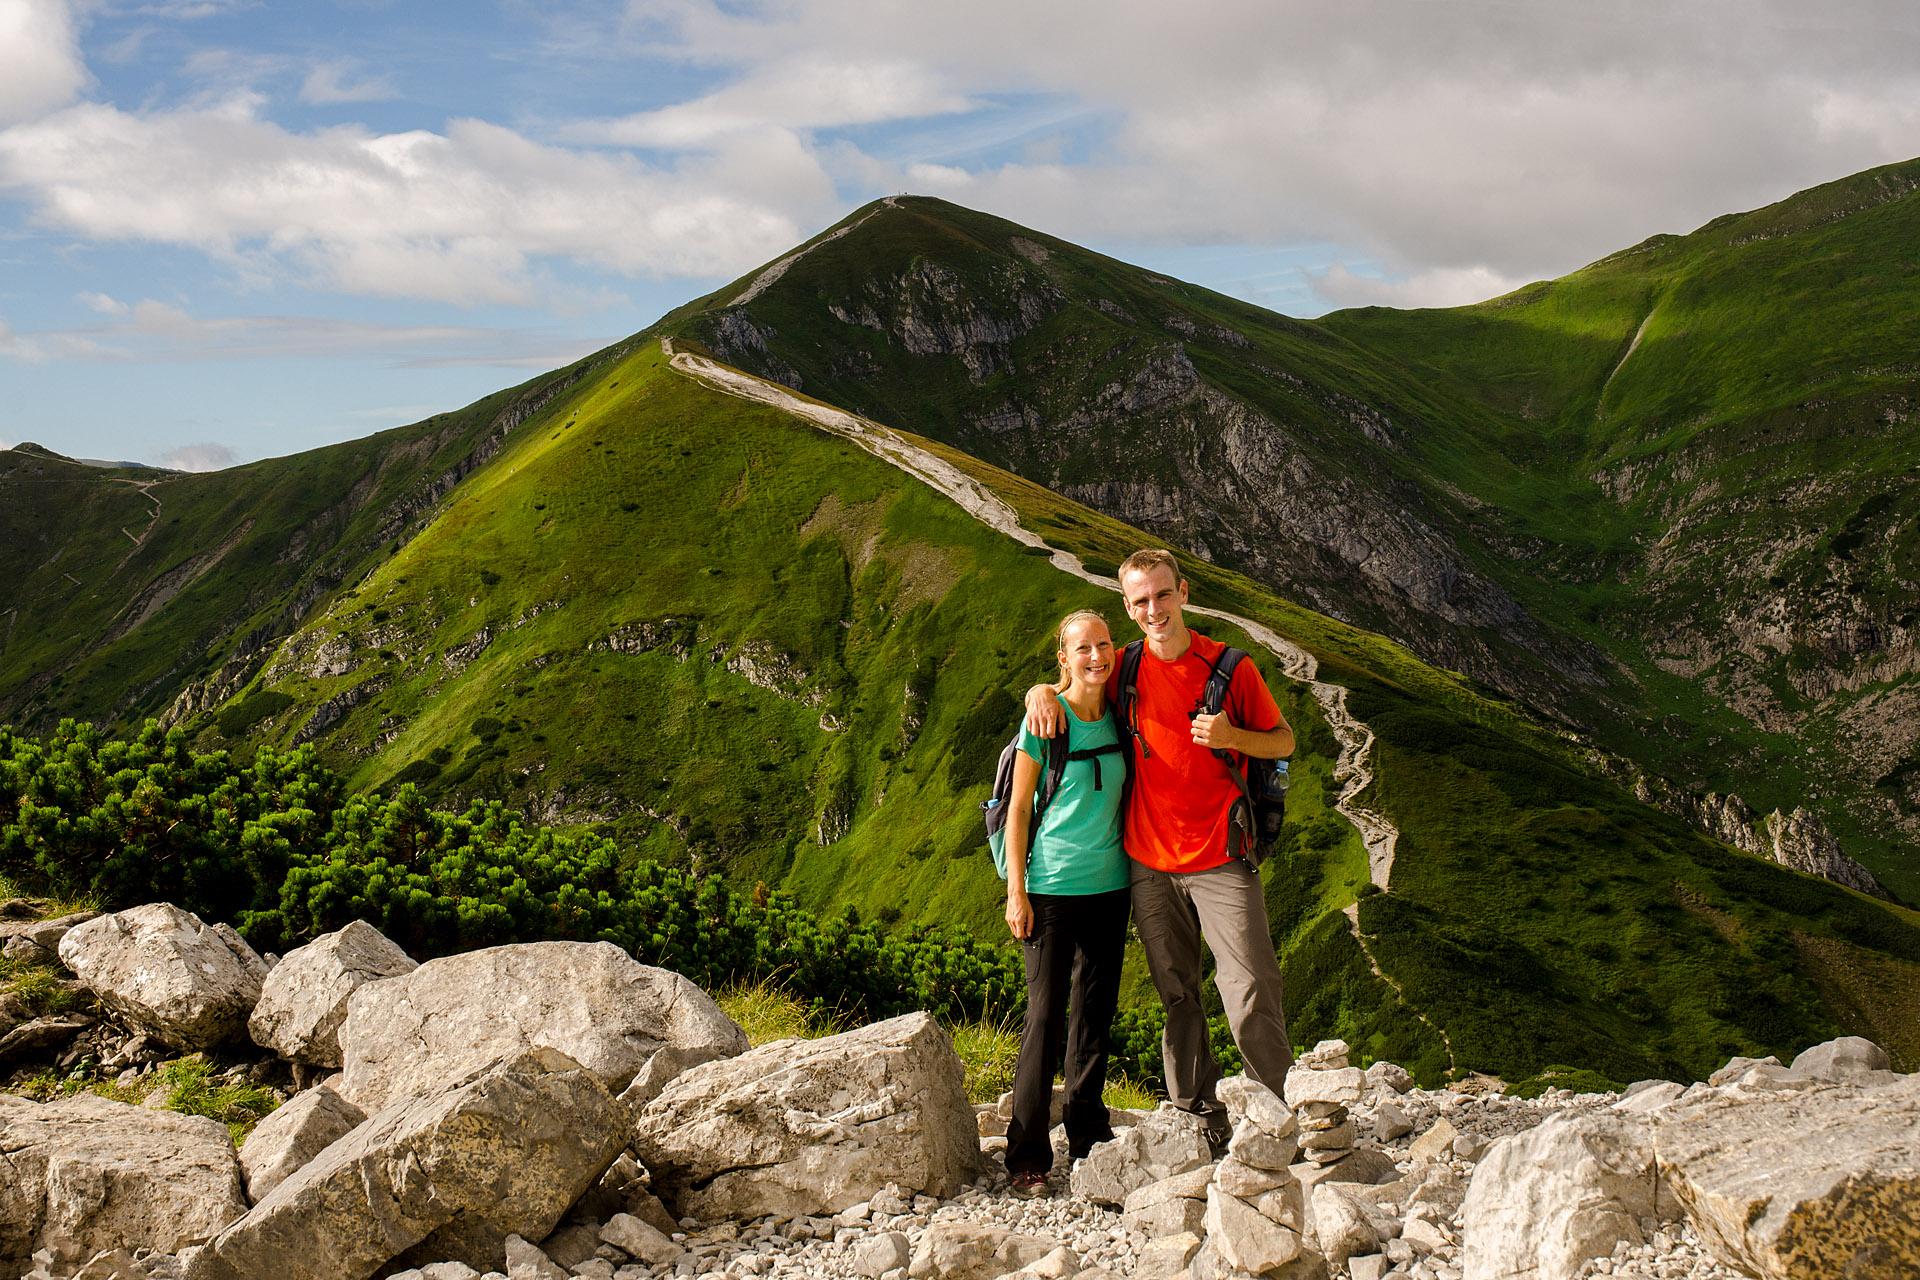 View of Wielkie Szerokie Pass to Kopa Kondracka